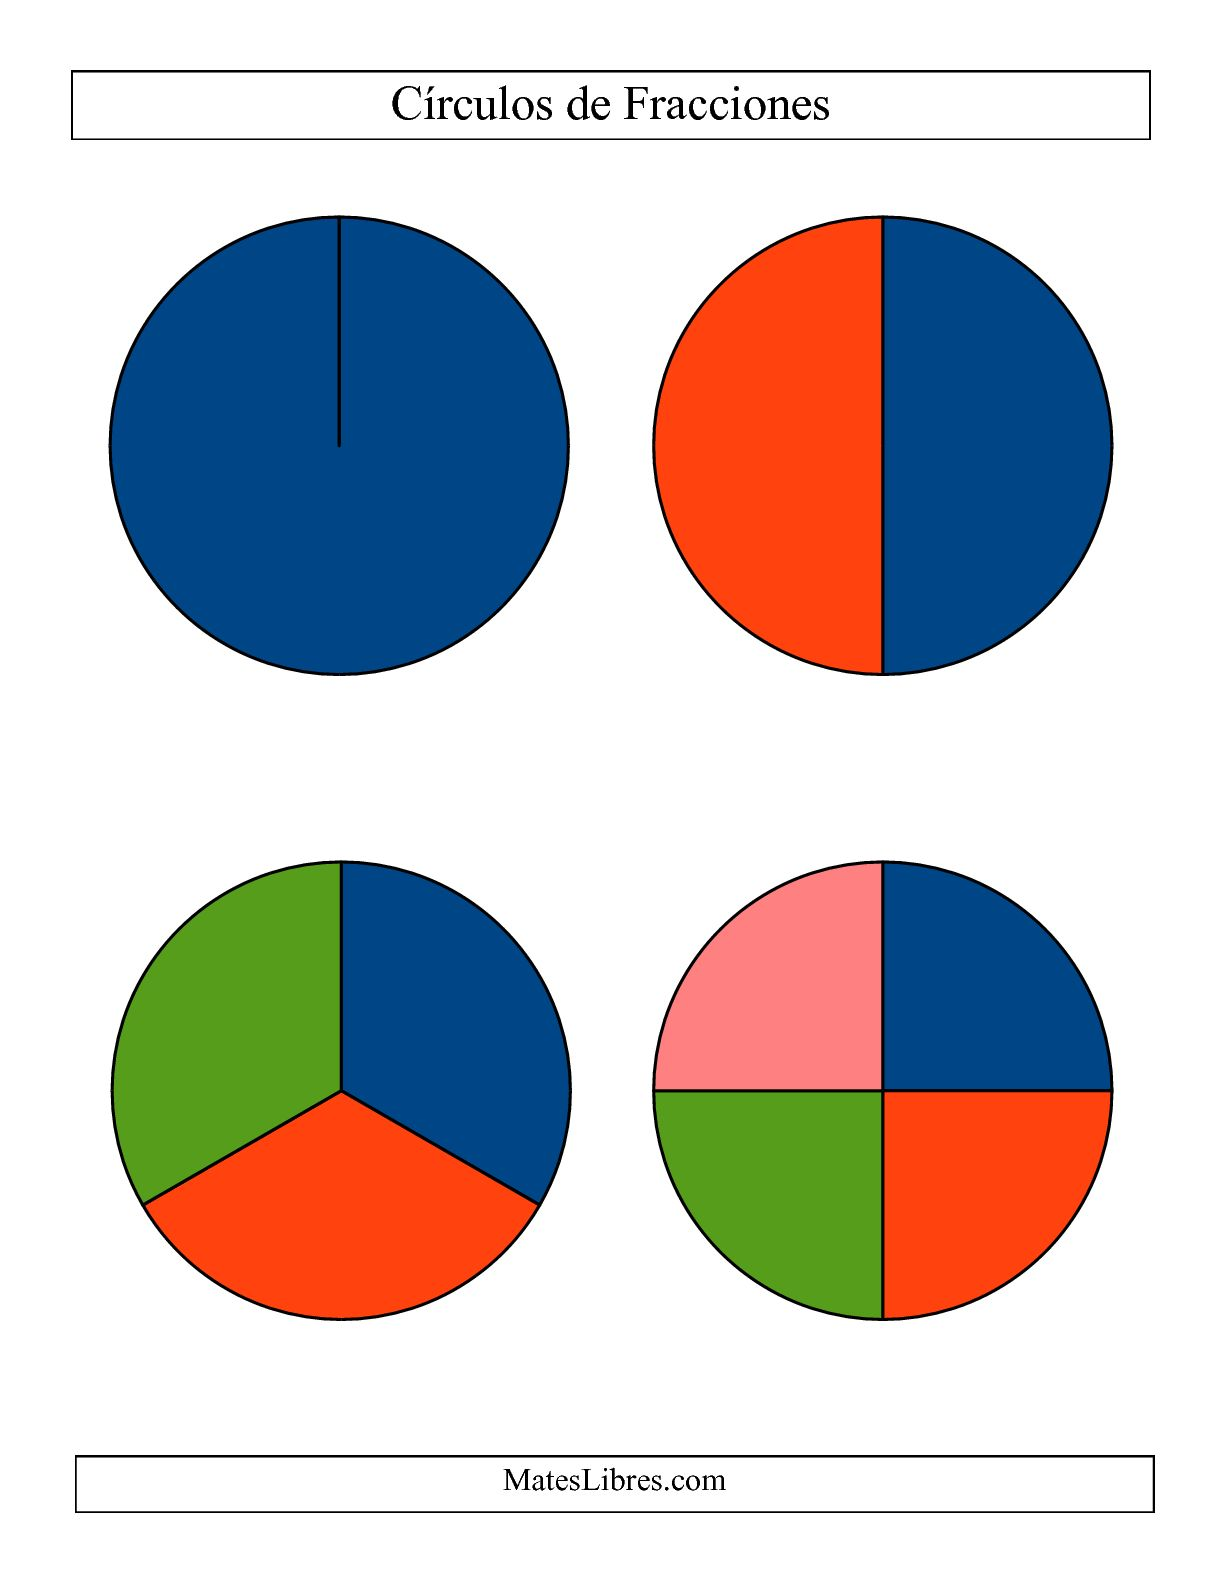 La Círculos Multicolores de Fracciones sin Etiquetas (Grande) (A) Hoja de Ejercicio de Fracciones